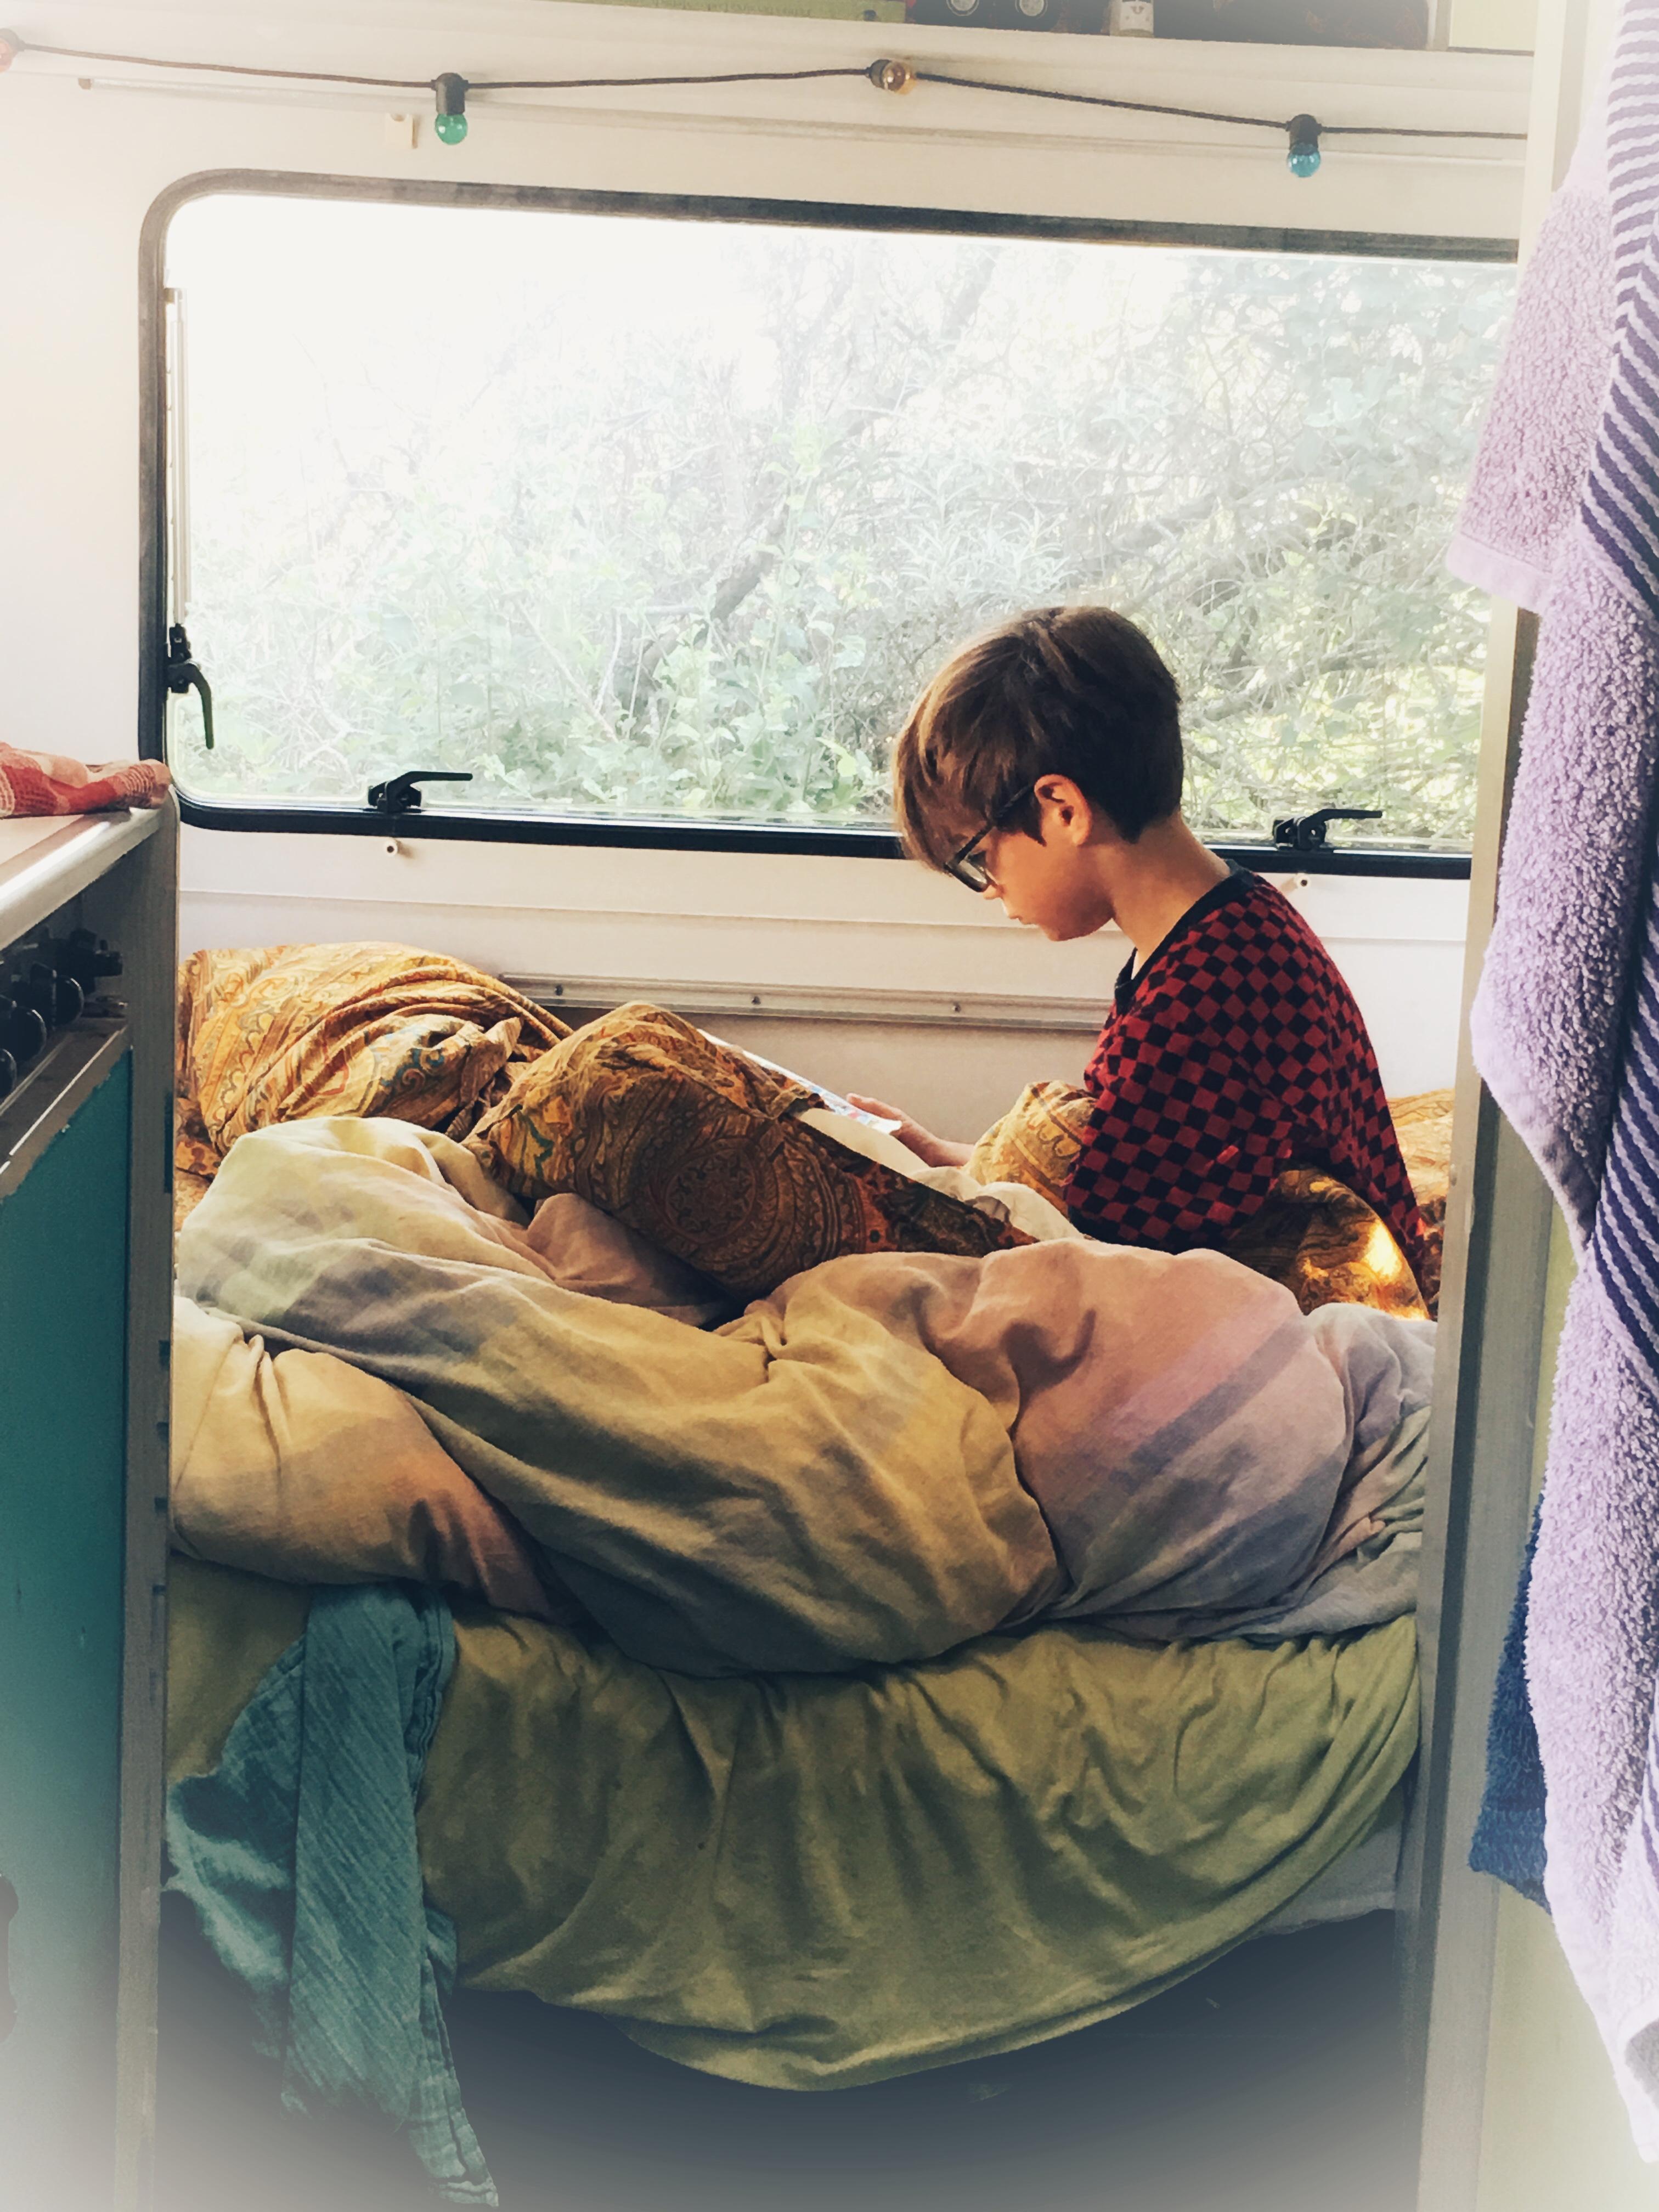 Kind1 in unserem Wohnwagen